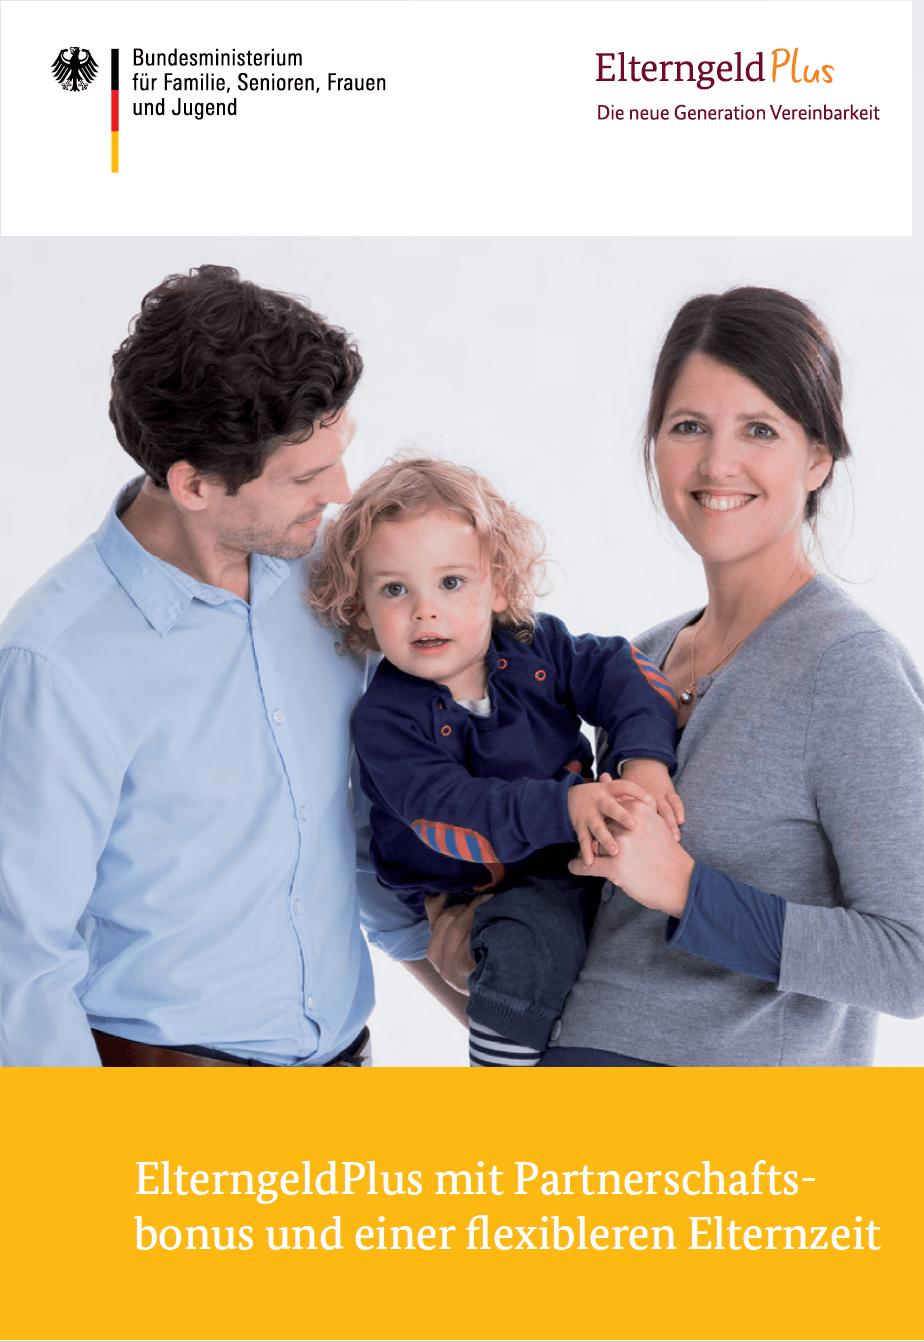 Deckblatt Broschüre ElterngeldPlus mit Partnerschaftsbonus und einer flexibleren Elternzeit (c) elterngeld-plus.de